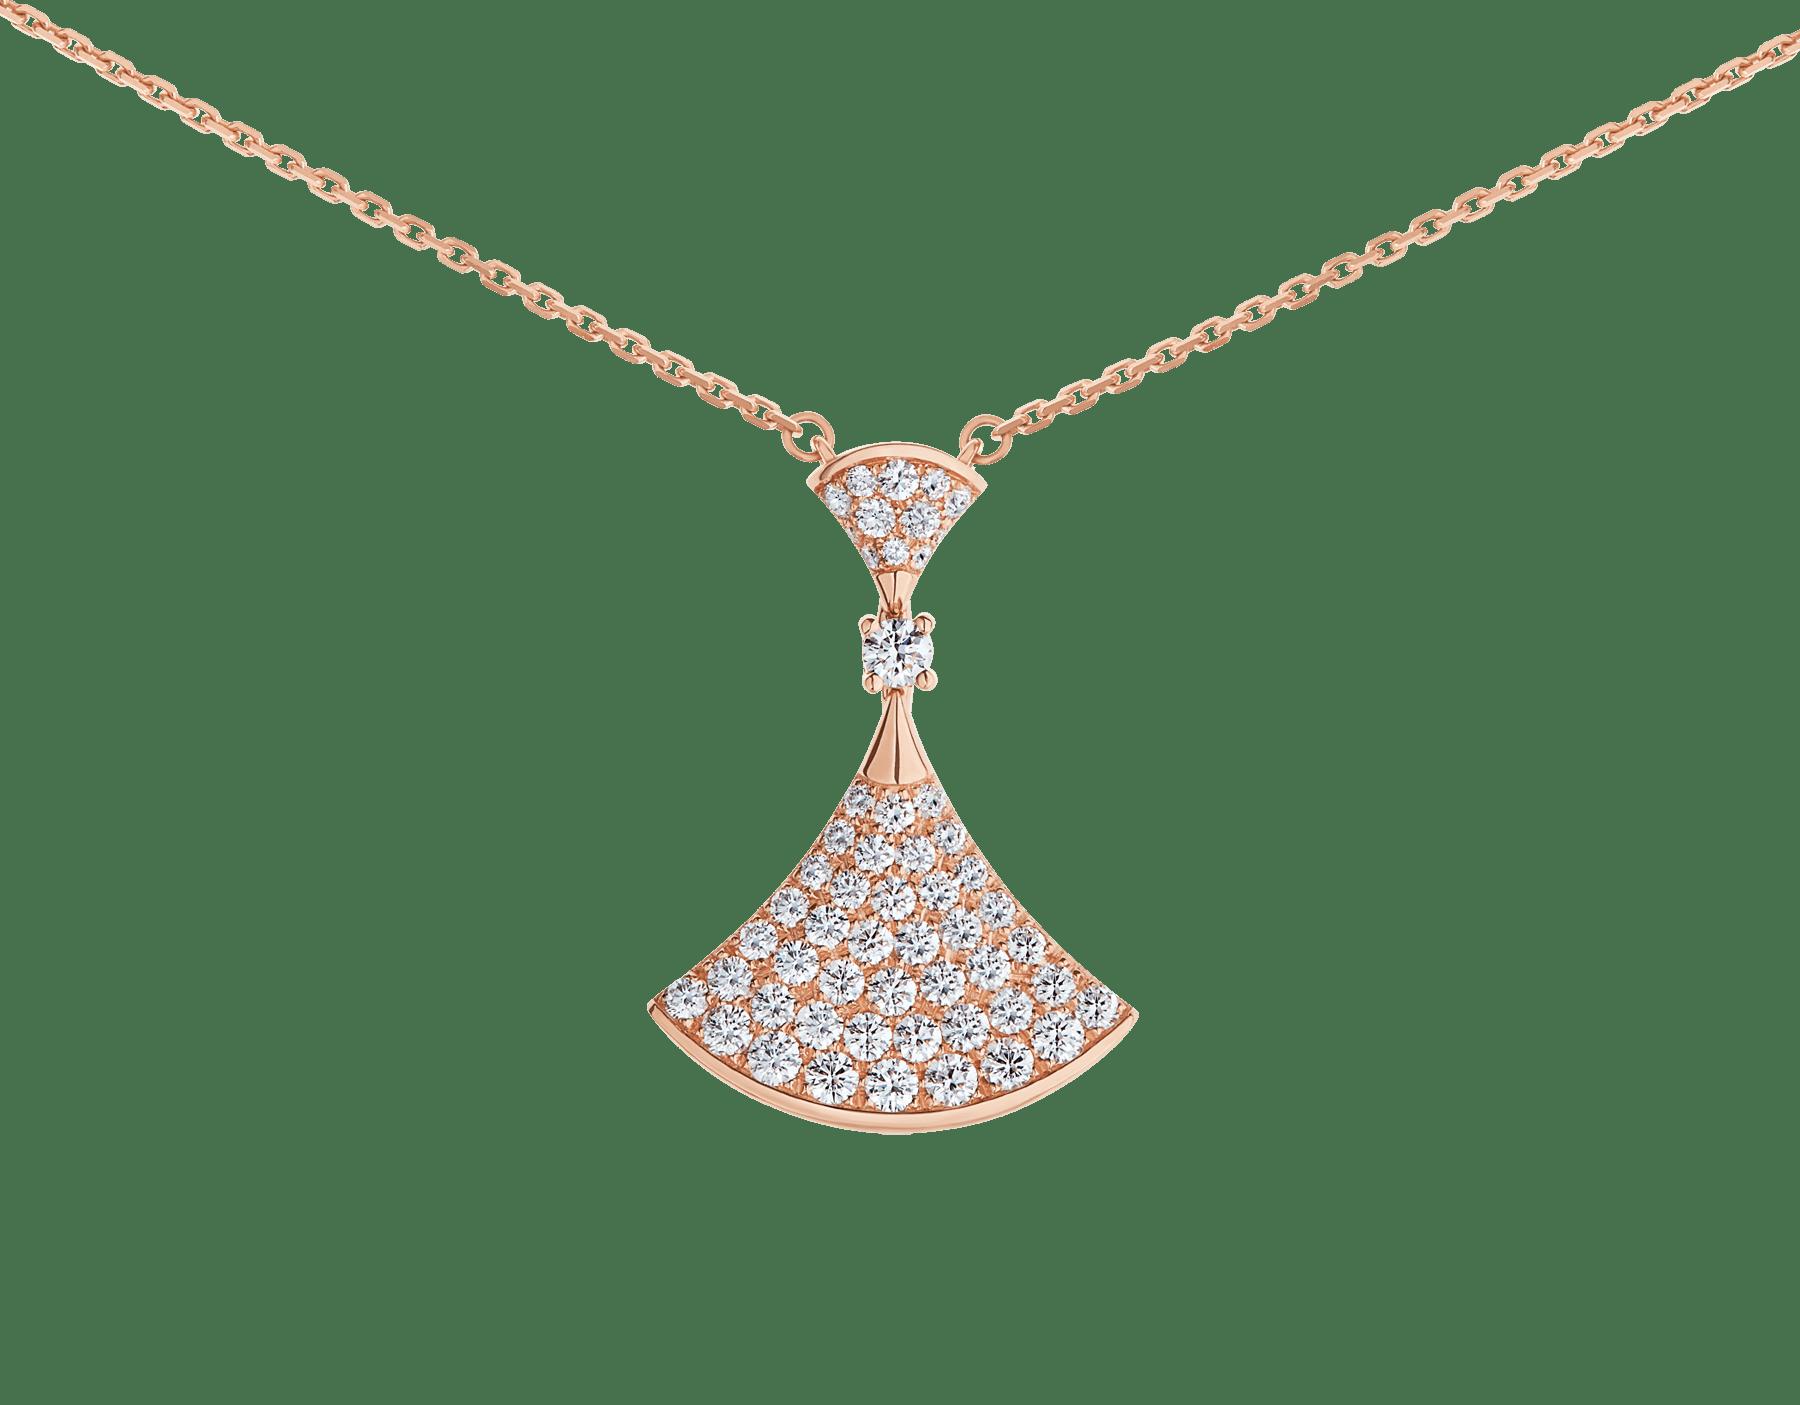 DIVAS' DREAM 18K 玫瑰金墜鍊,鑲飾 1 顆圓形明亮型切割鑽石(0.10 克拉)和密鑲鑽石(0.83 克拉)。 358121 image 3